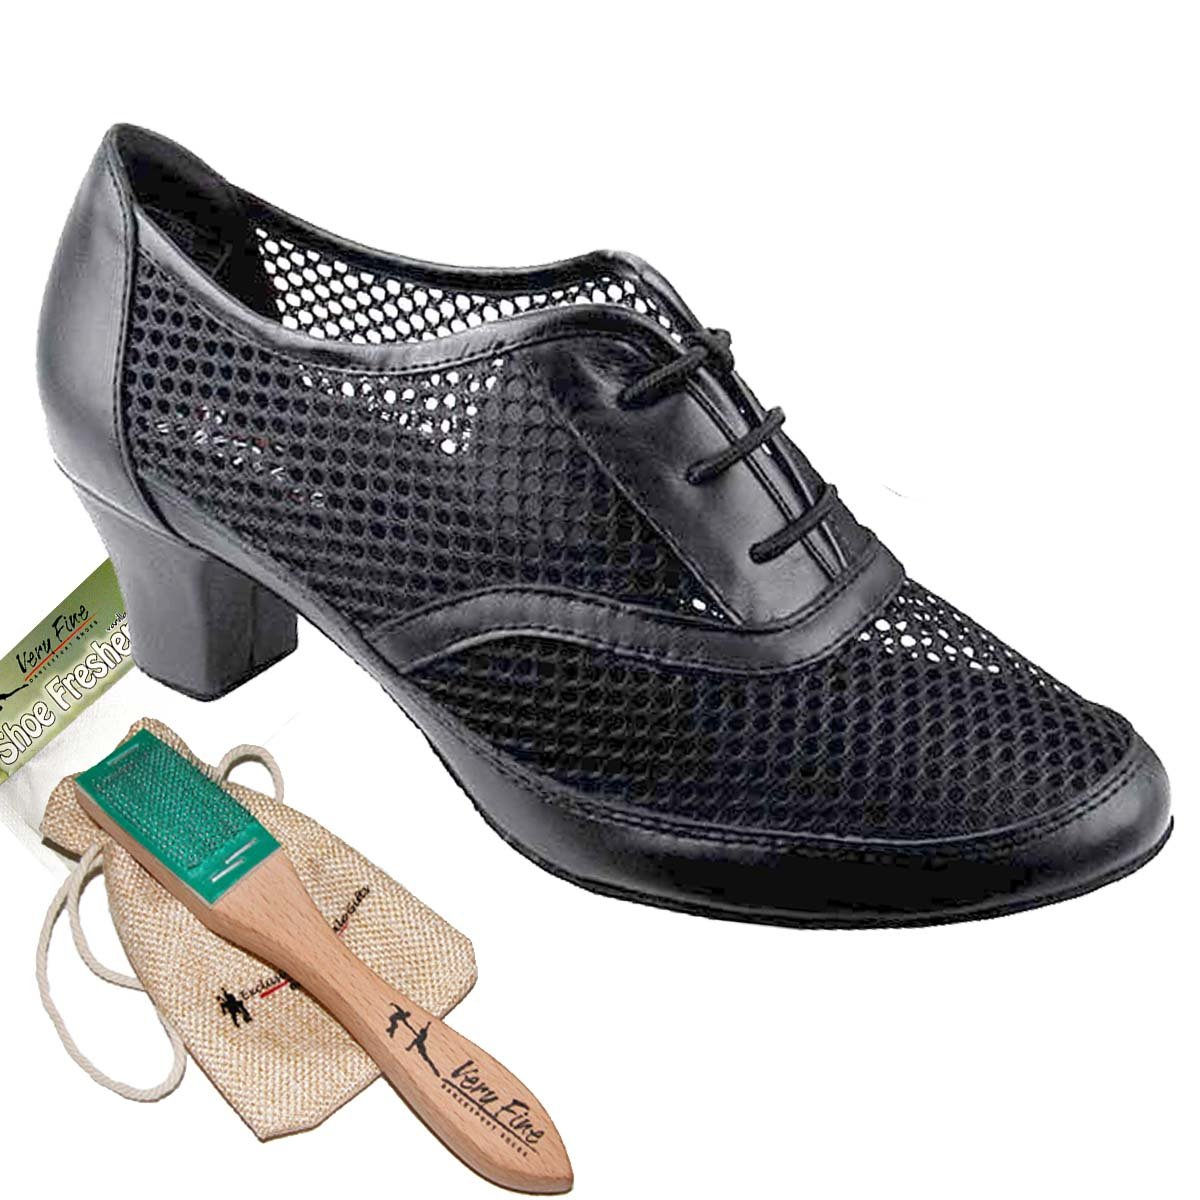 新作人気モデル [Very Fine Dance Shoes] レディース Shoes] B074Y6S92F 9 (B,M) (B,M) US|ブラックレザー B074Y6S92F ブラックレザー 9 (B,M) US, ベーグル&ベーグル:02cee765 --- a0267596.xsph.ru